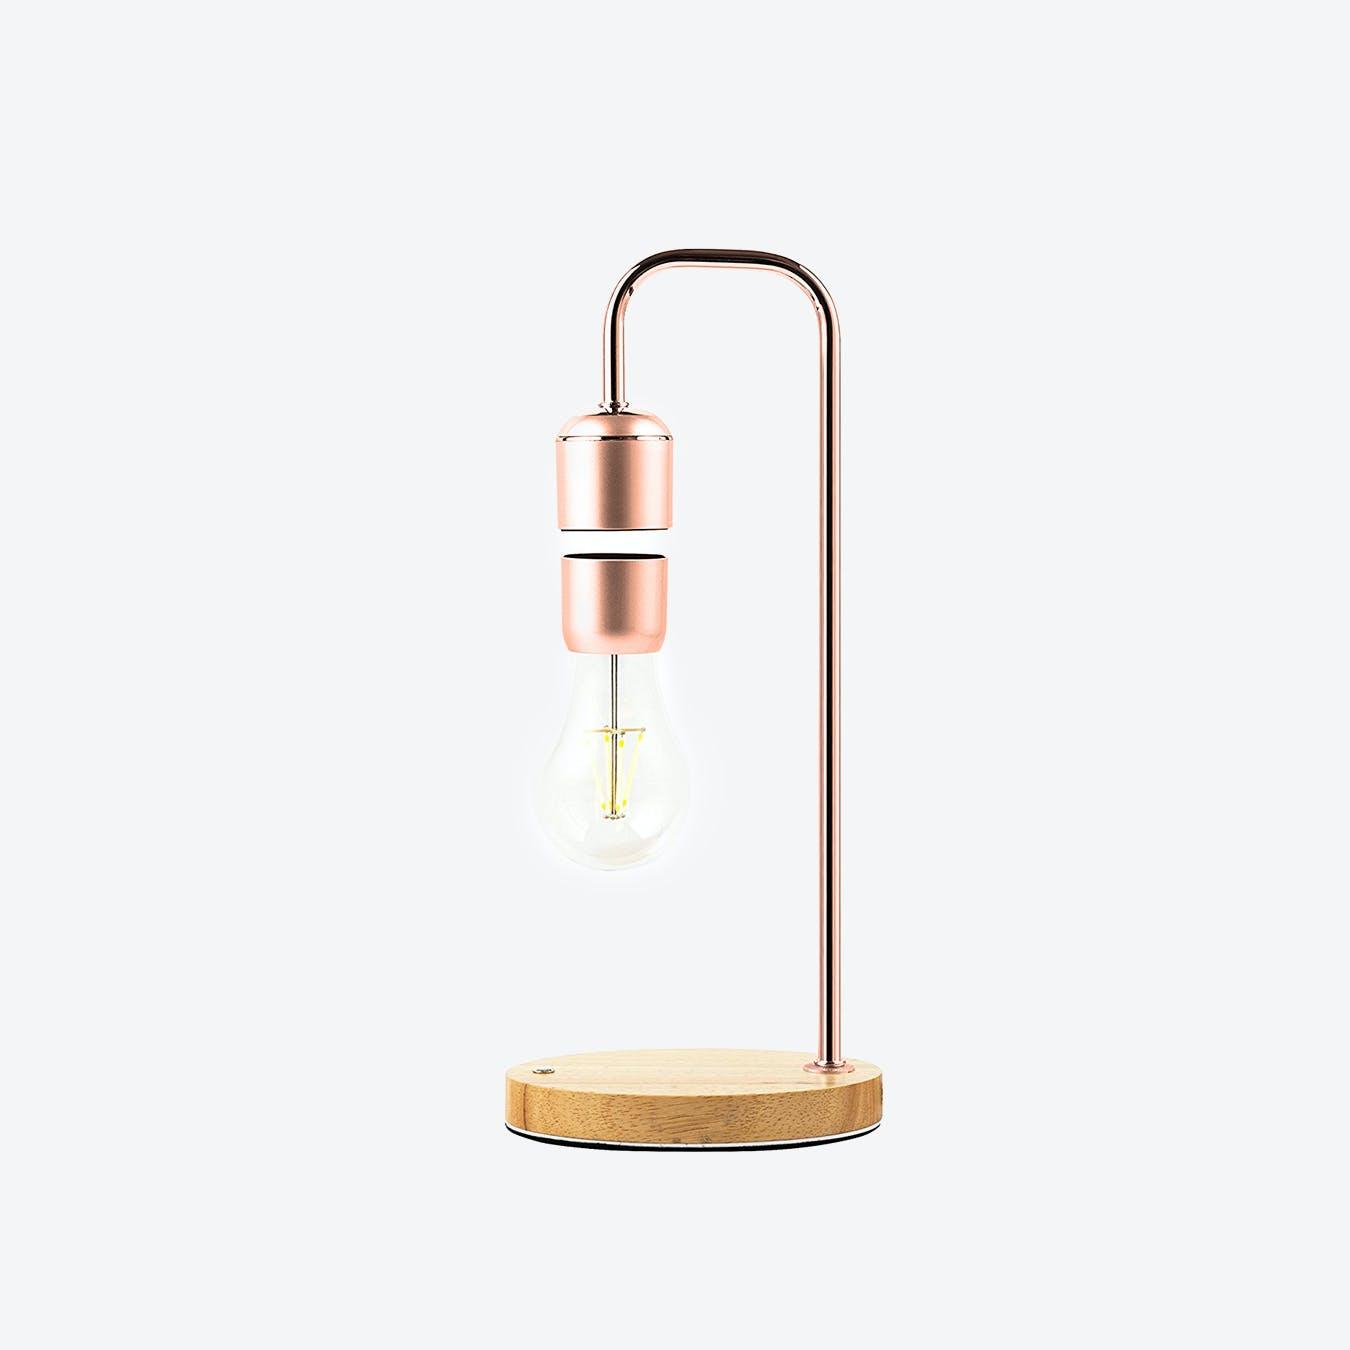 PÆR Floating Light in Copper